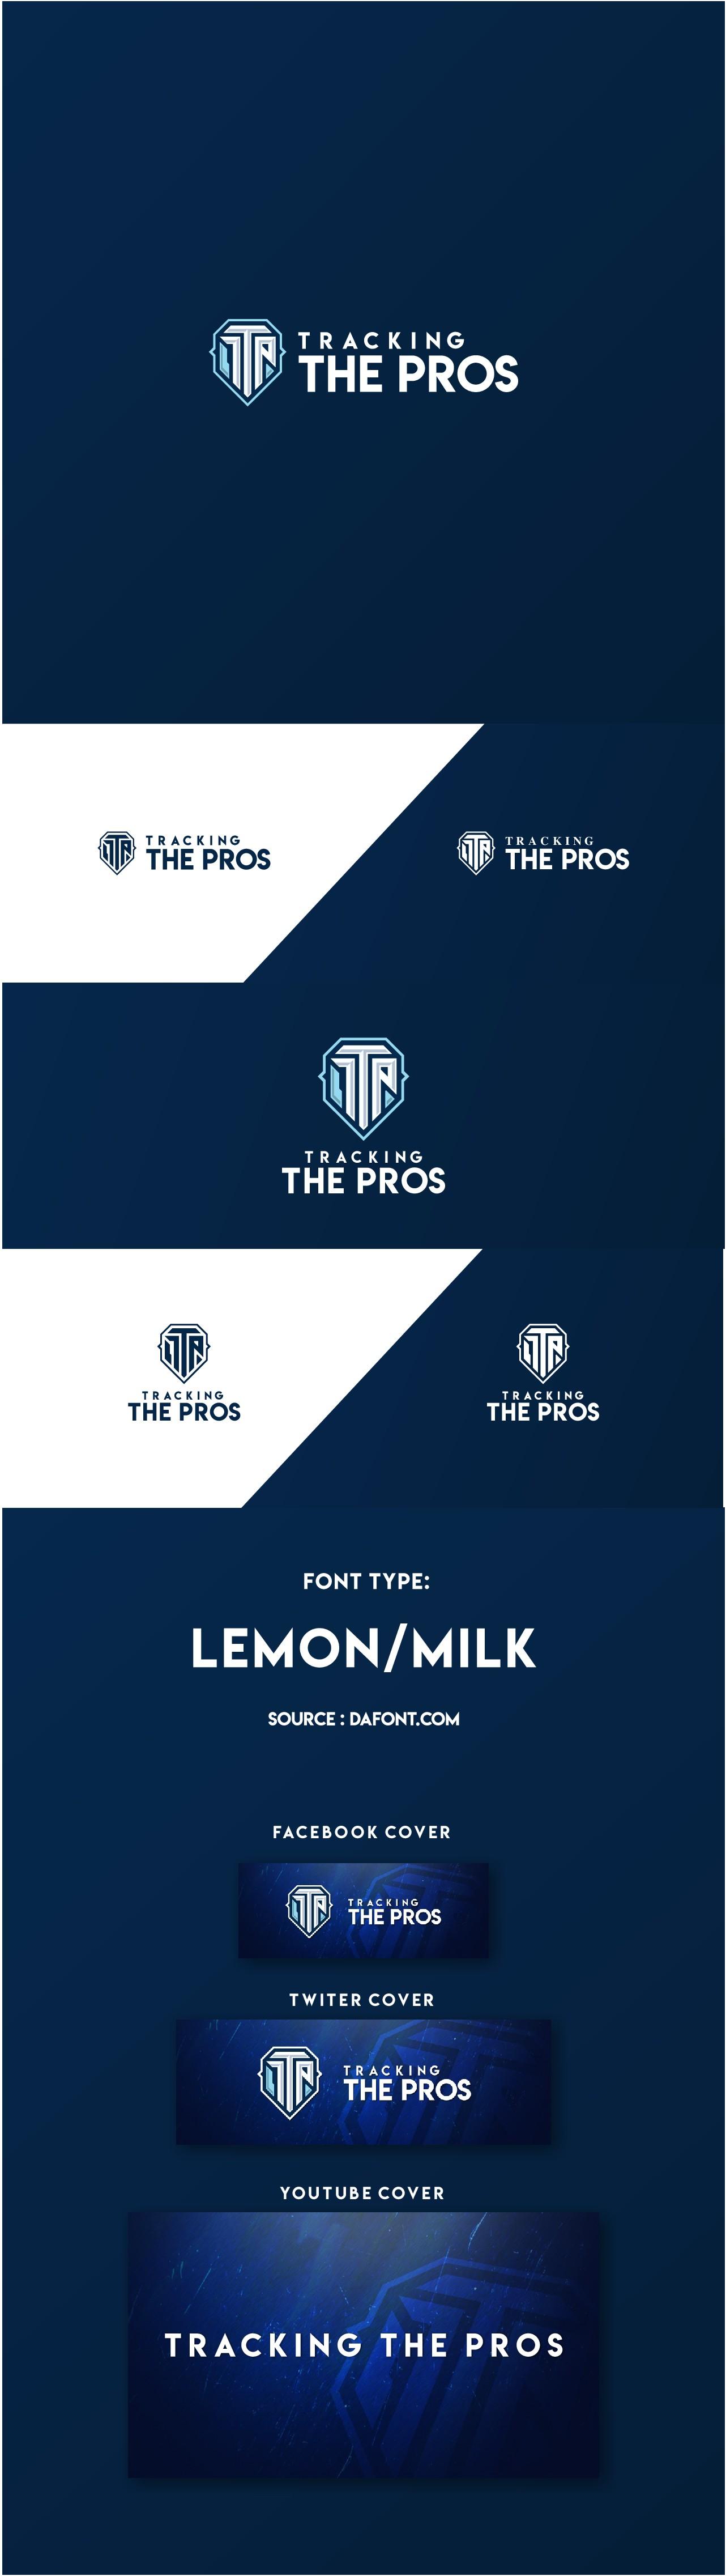 Create a new logo for a popular esport website/stream